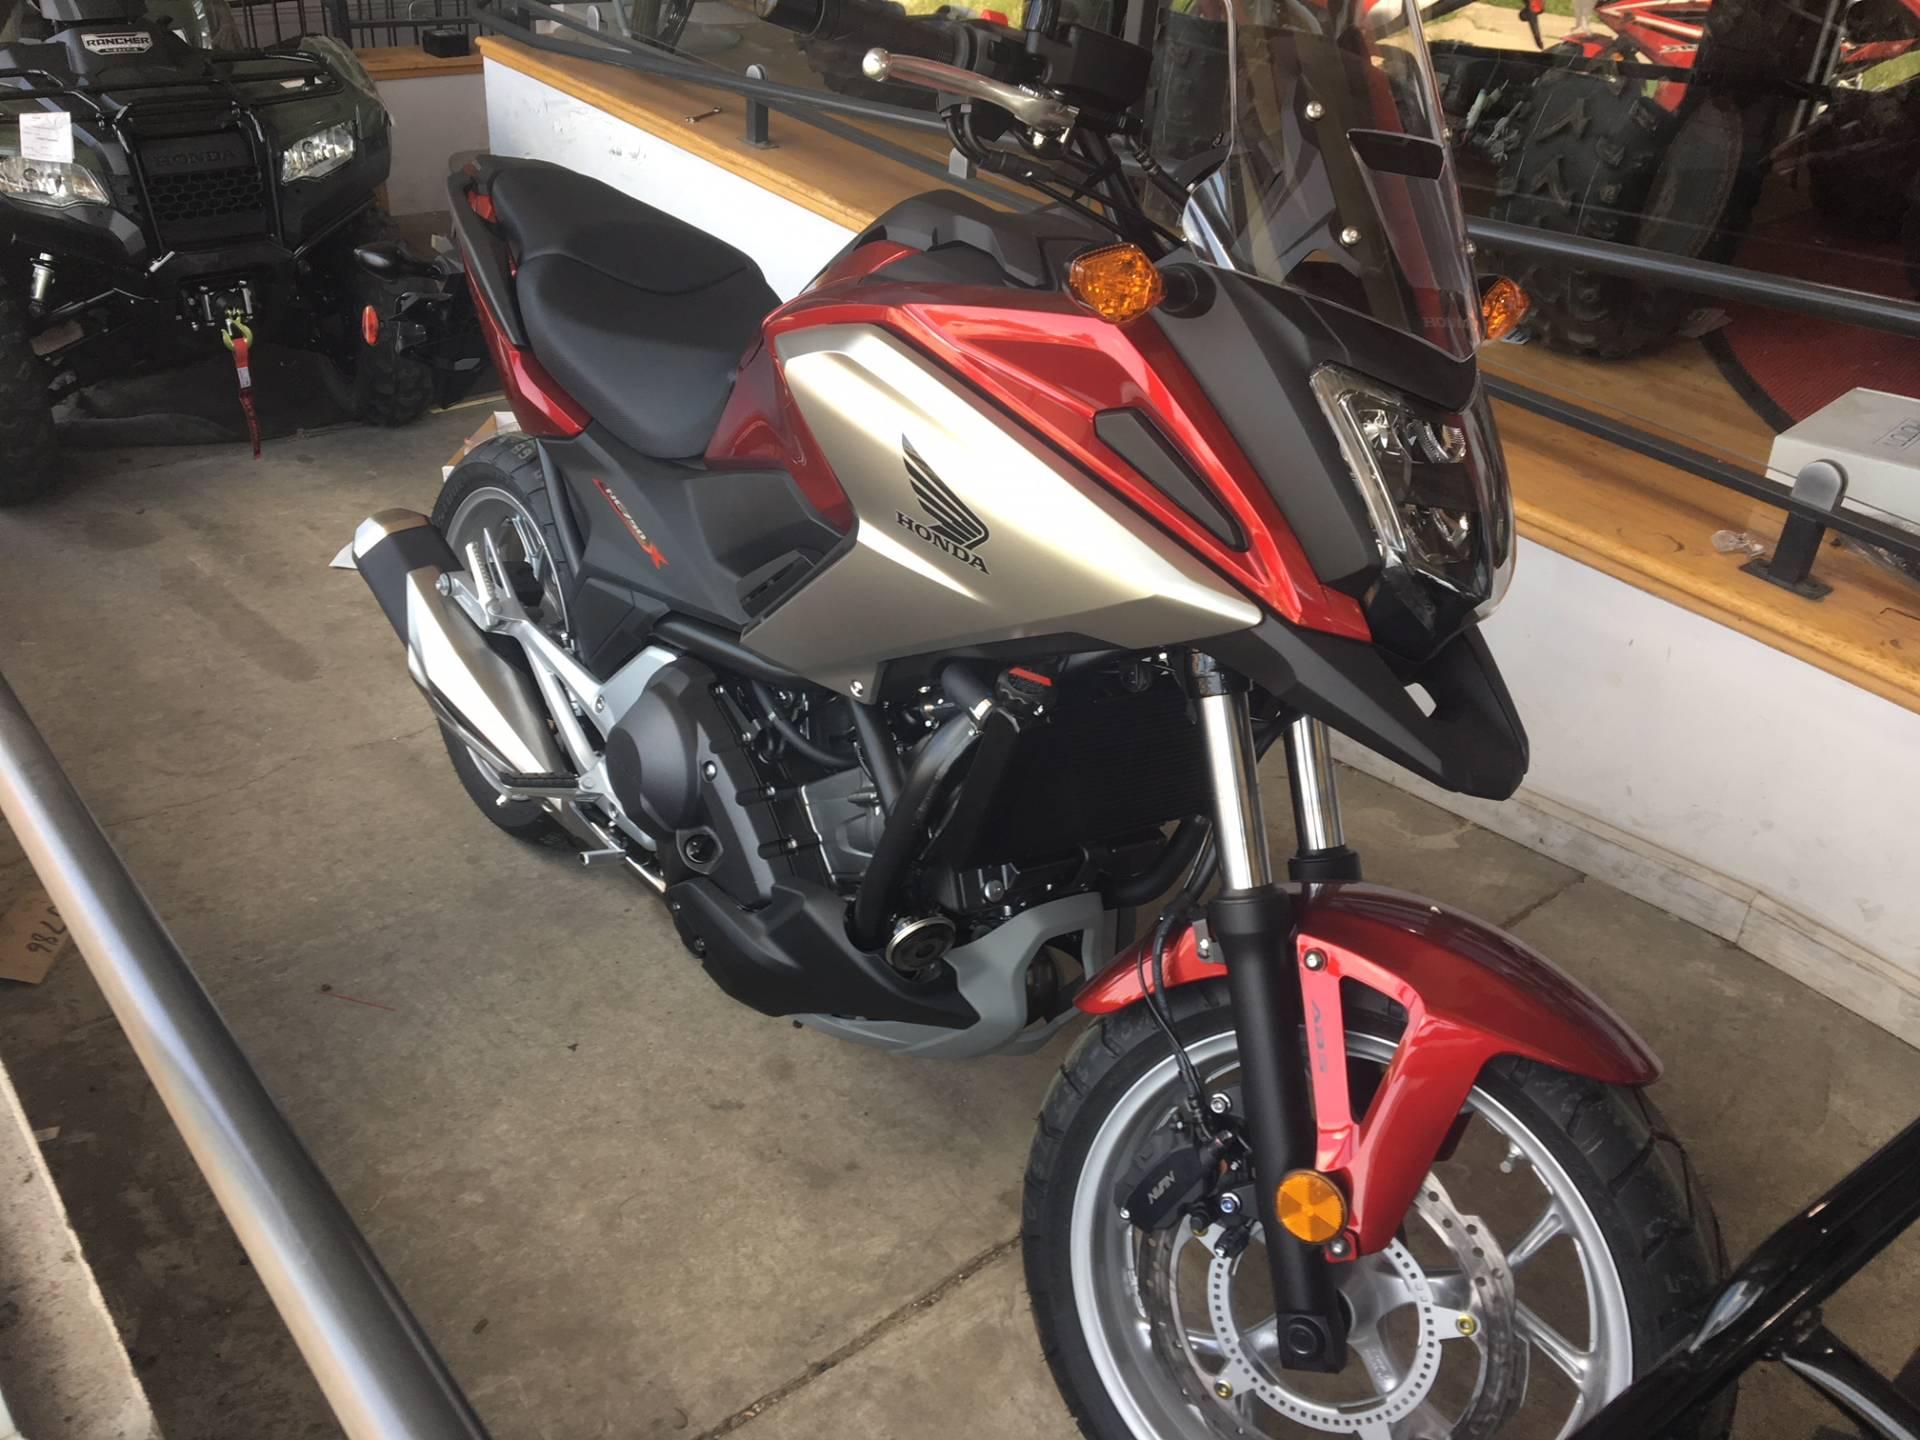 New 2018 Honda Nc750x Motorcycles In Lapeer Mi